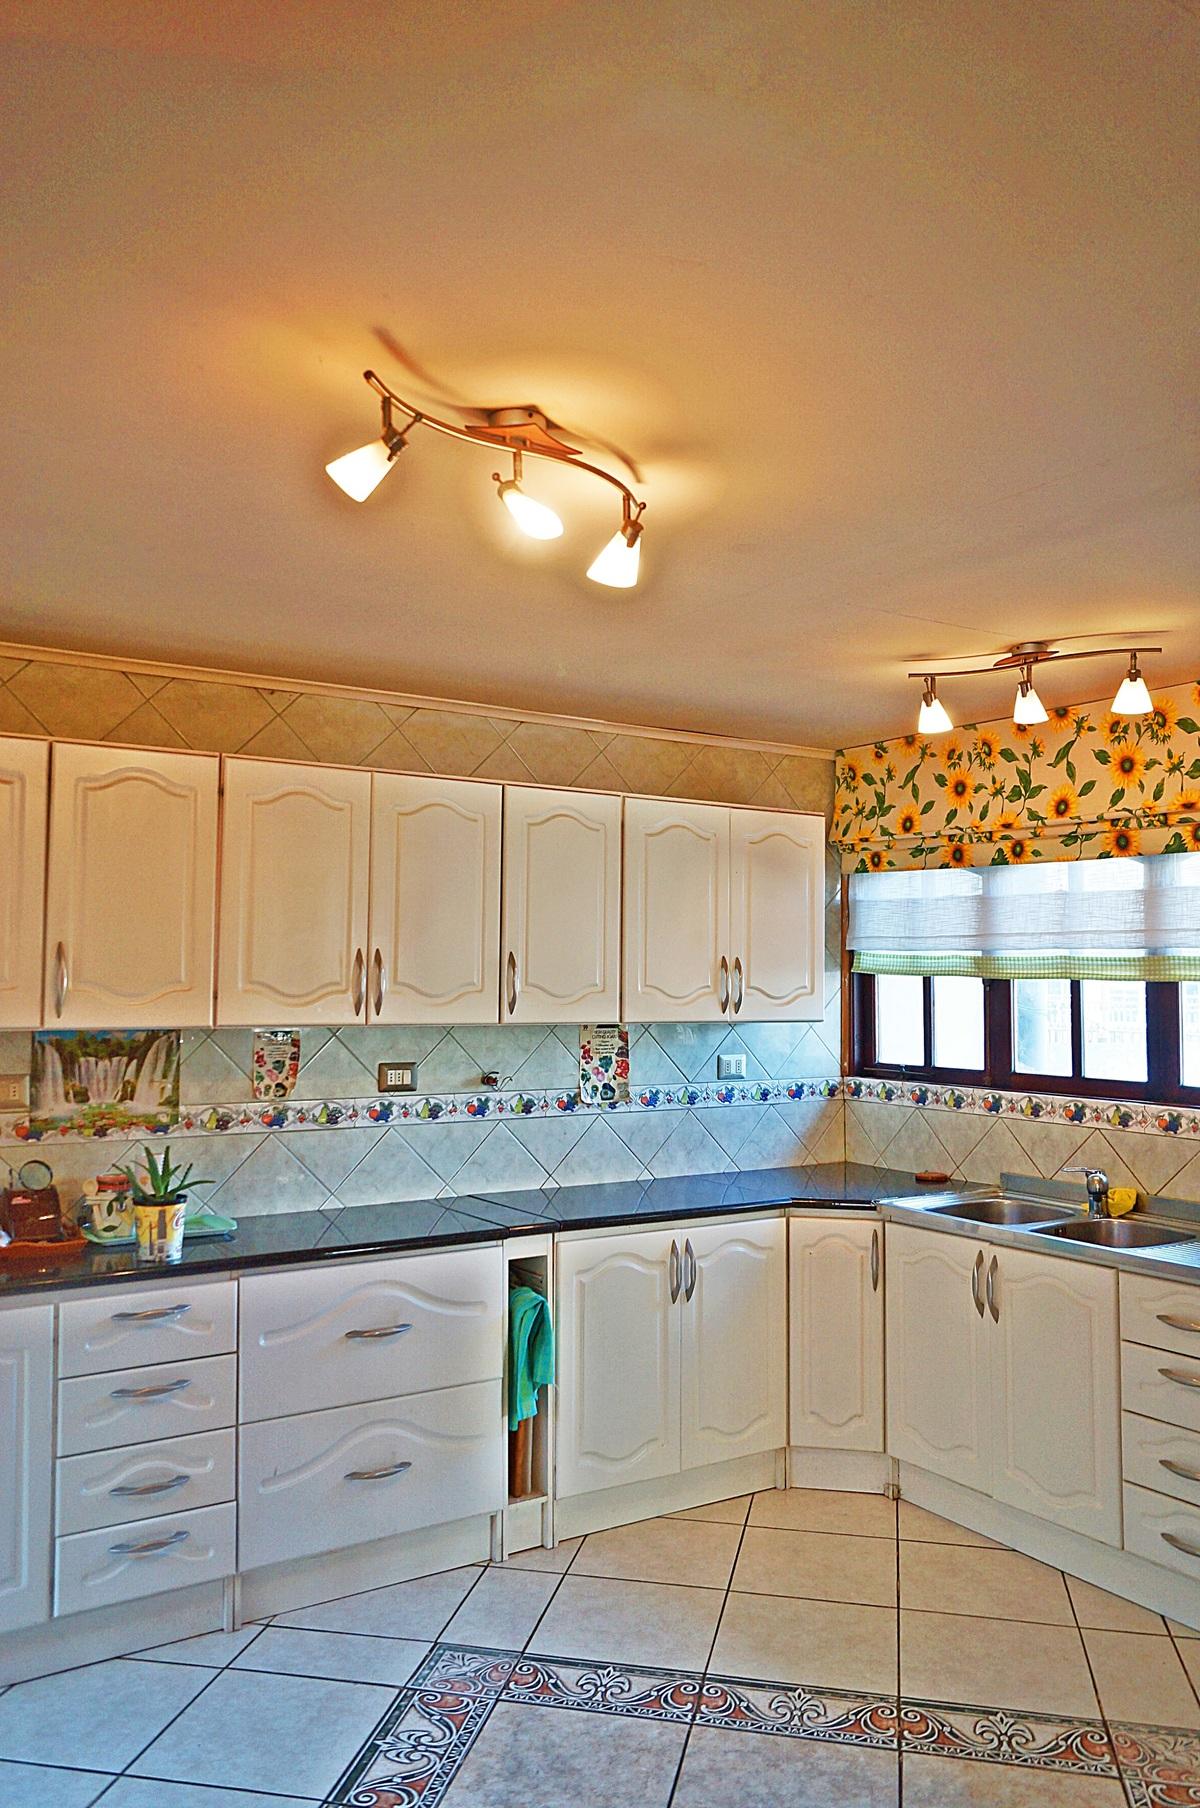 Muebles De Cocina A Medida Punta Arenas Ocinel Com # Muebles Punta Arenas